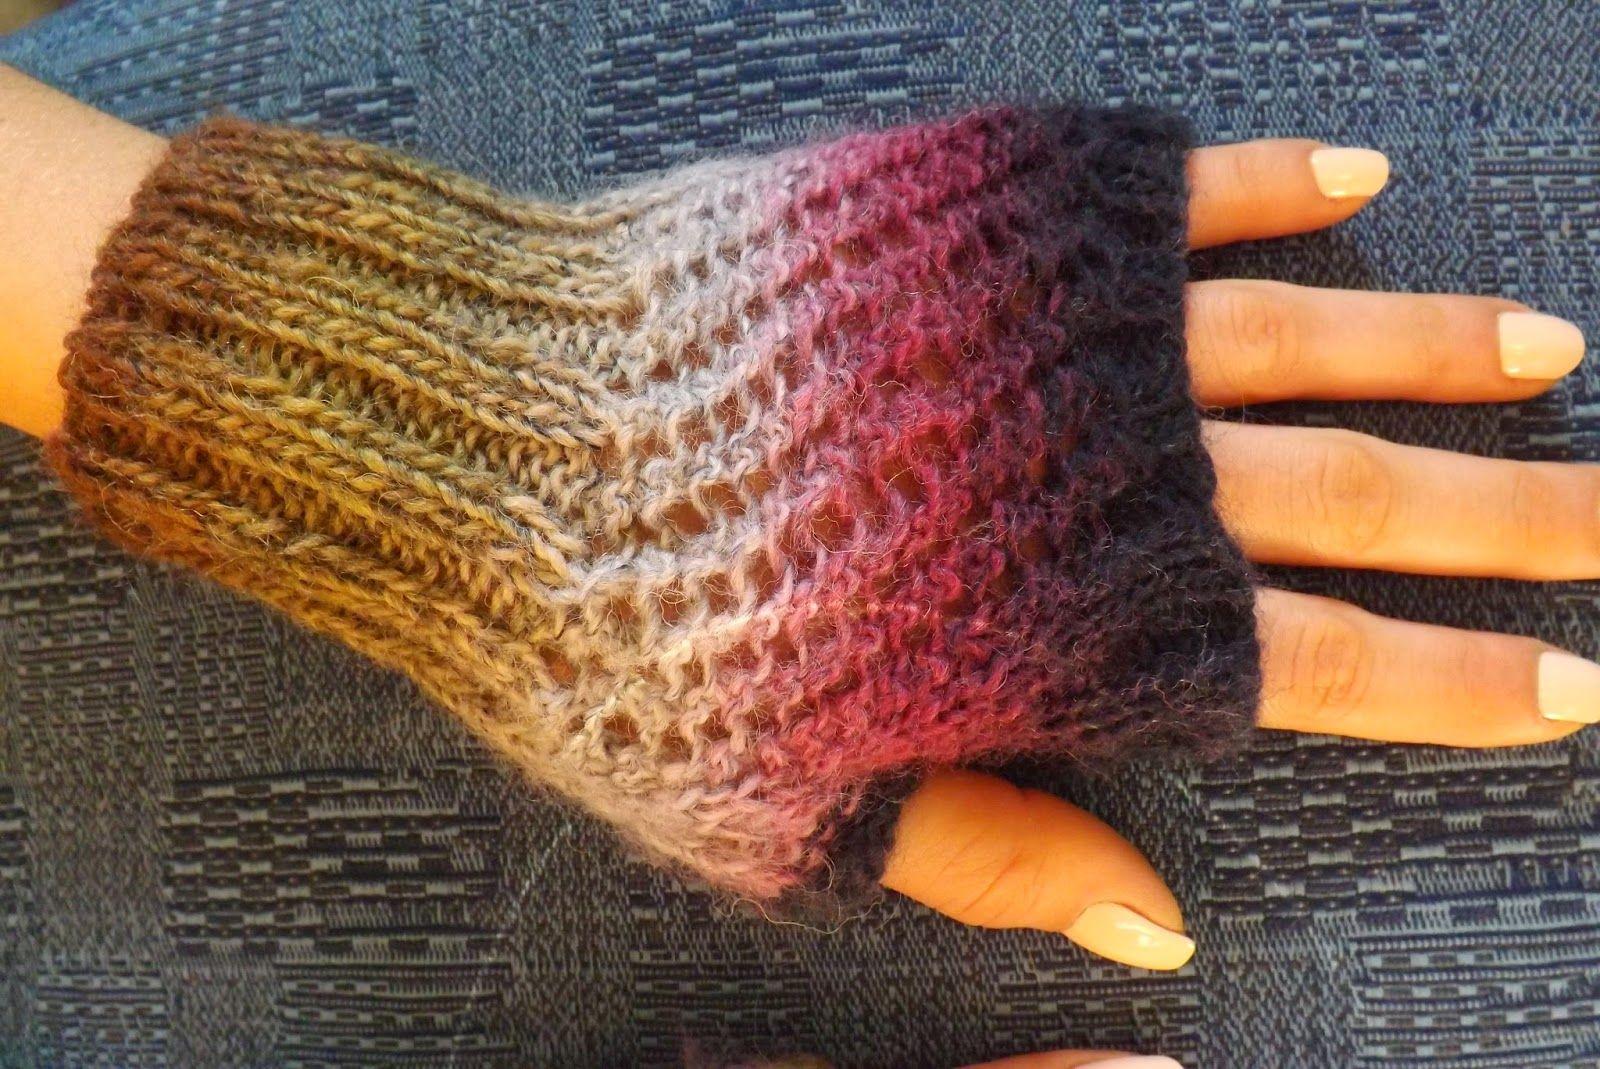 MANOMANIA: Juego de manos, juego de villanos: guantes